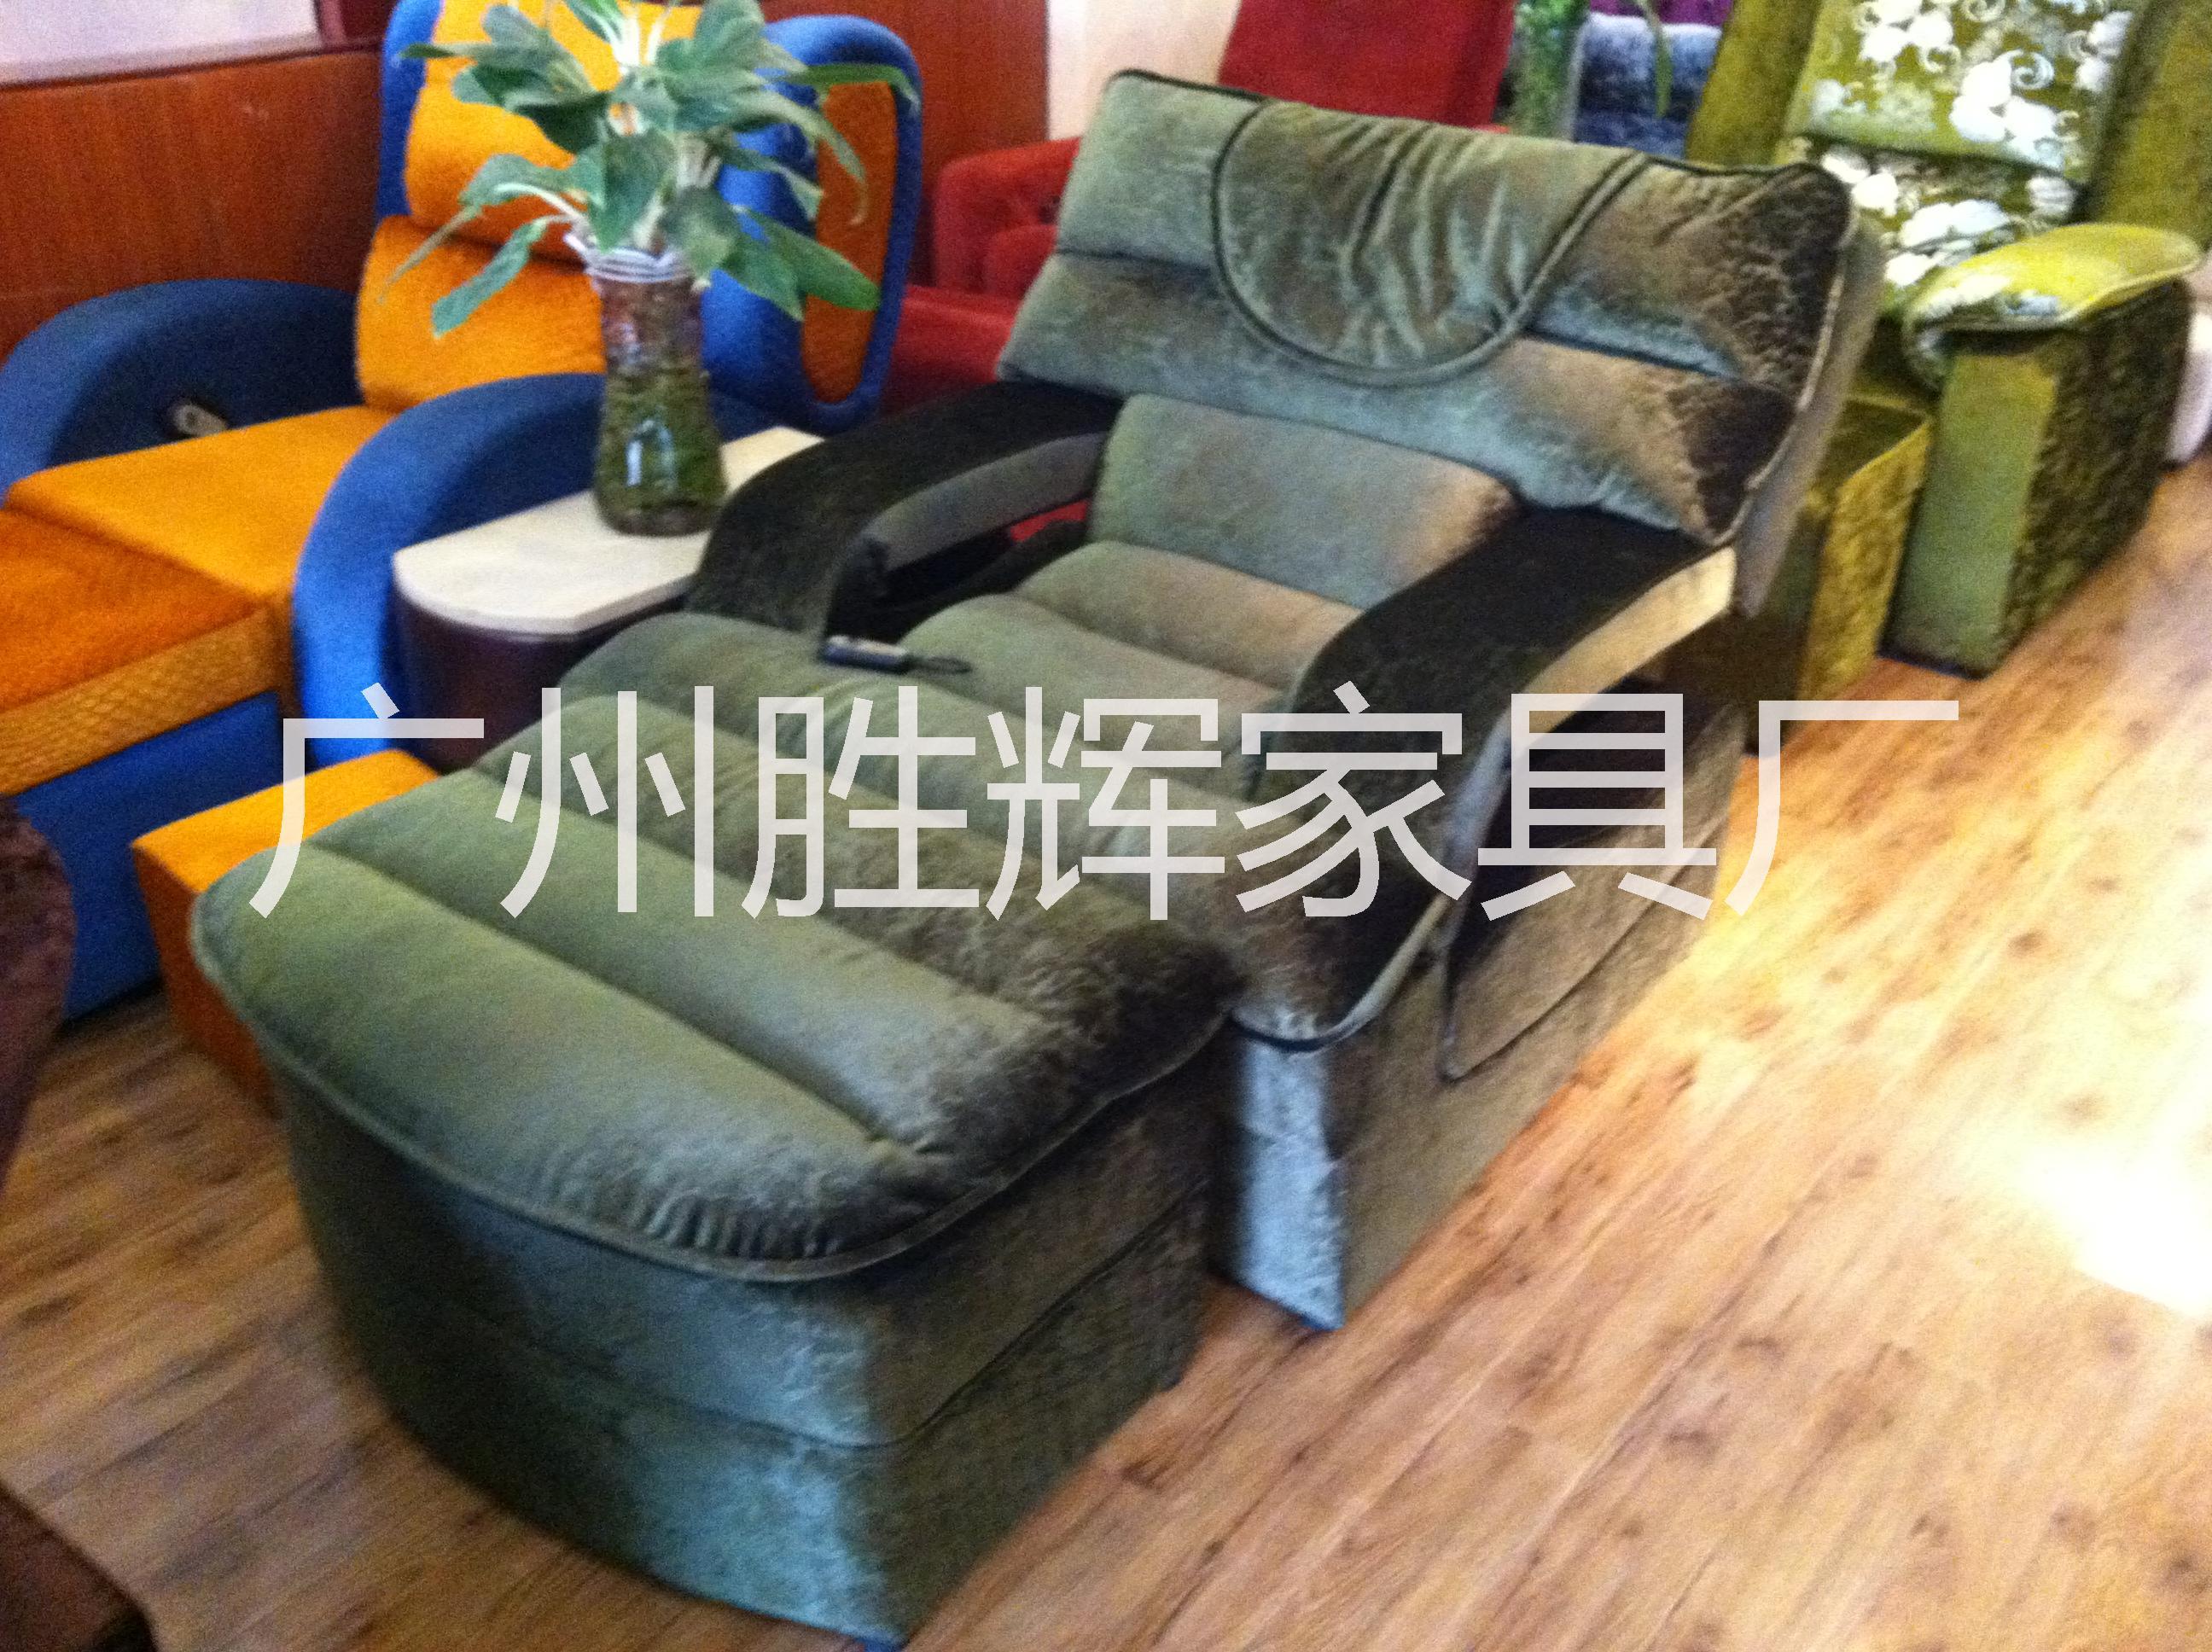 直销新款电动洗脚按摩椅/沐足按摩沙发/足浴足疗